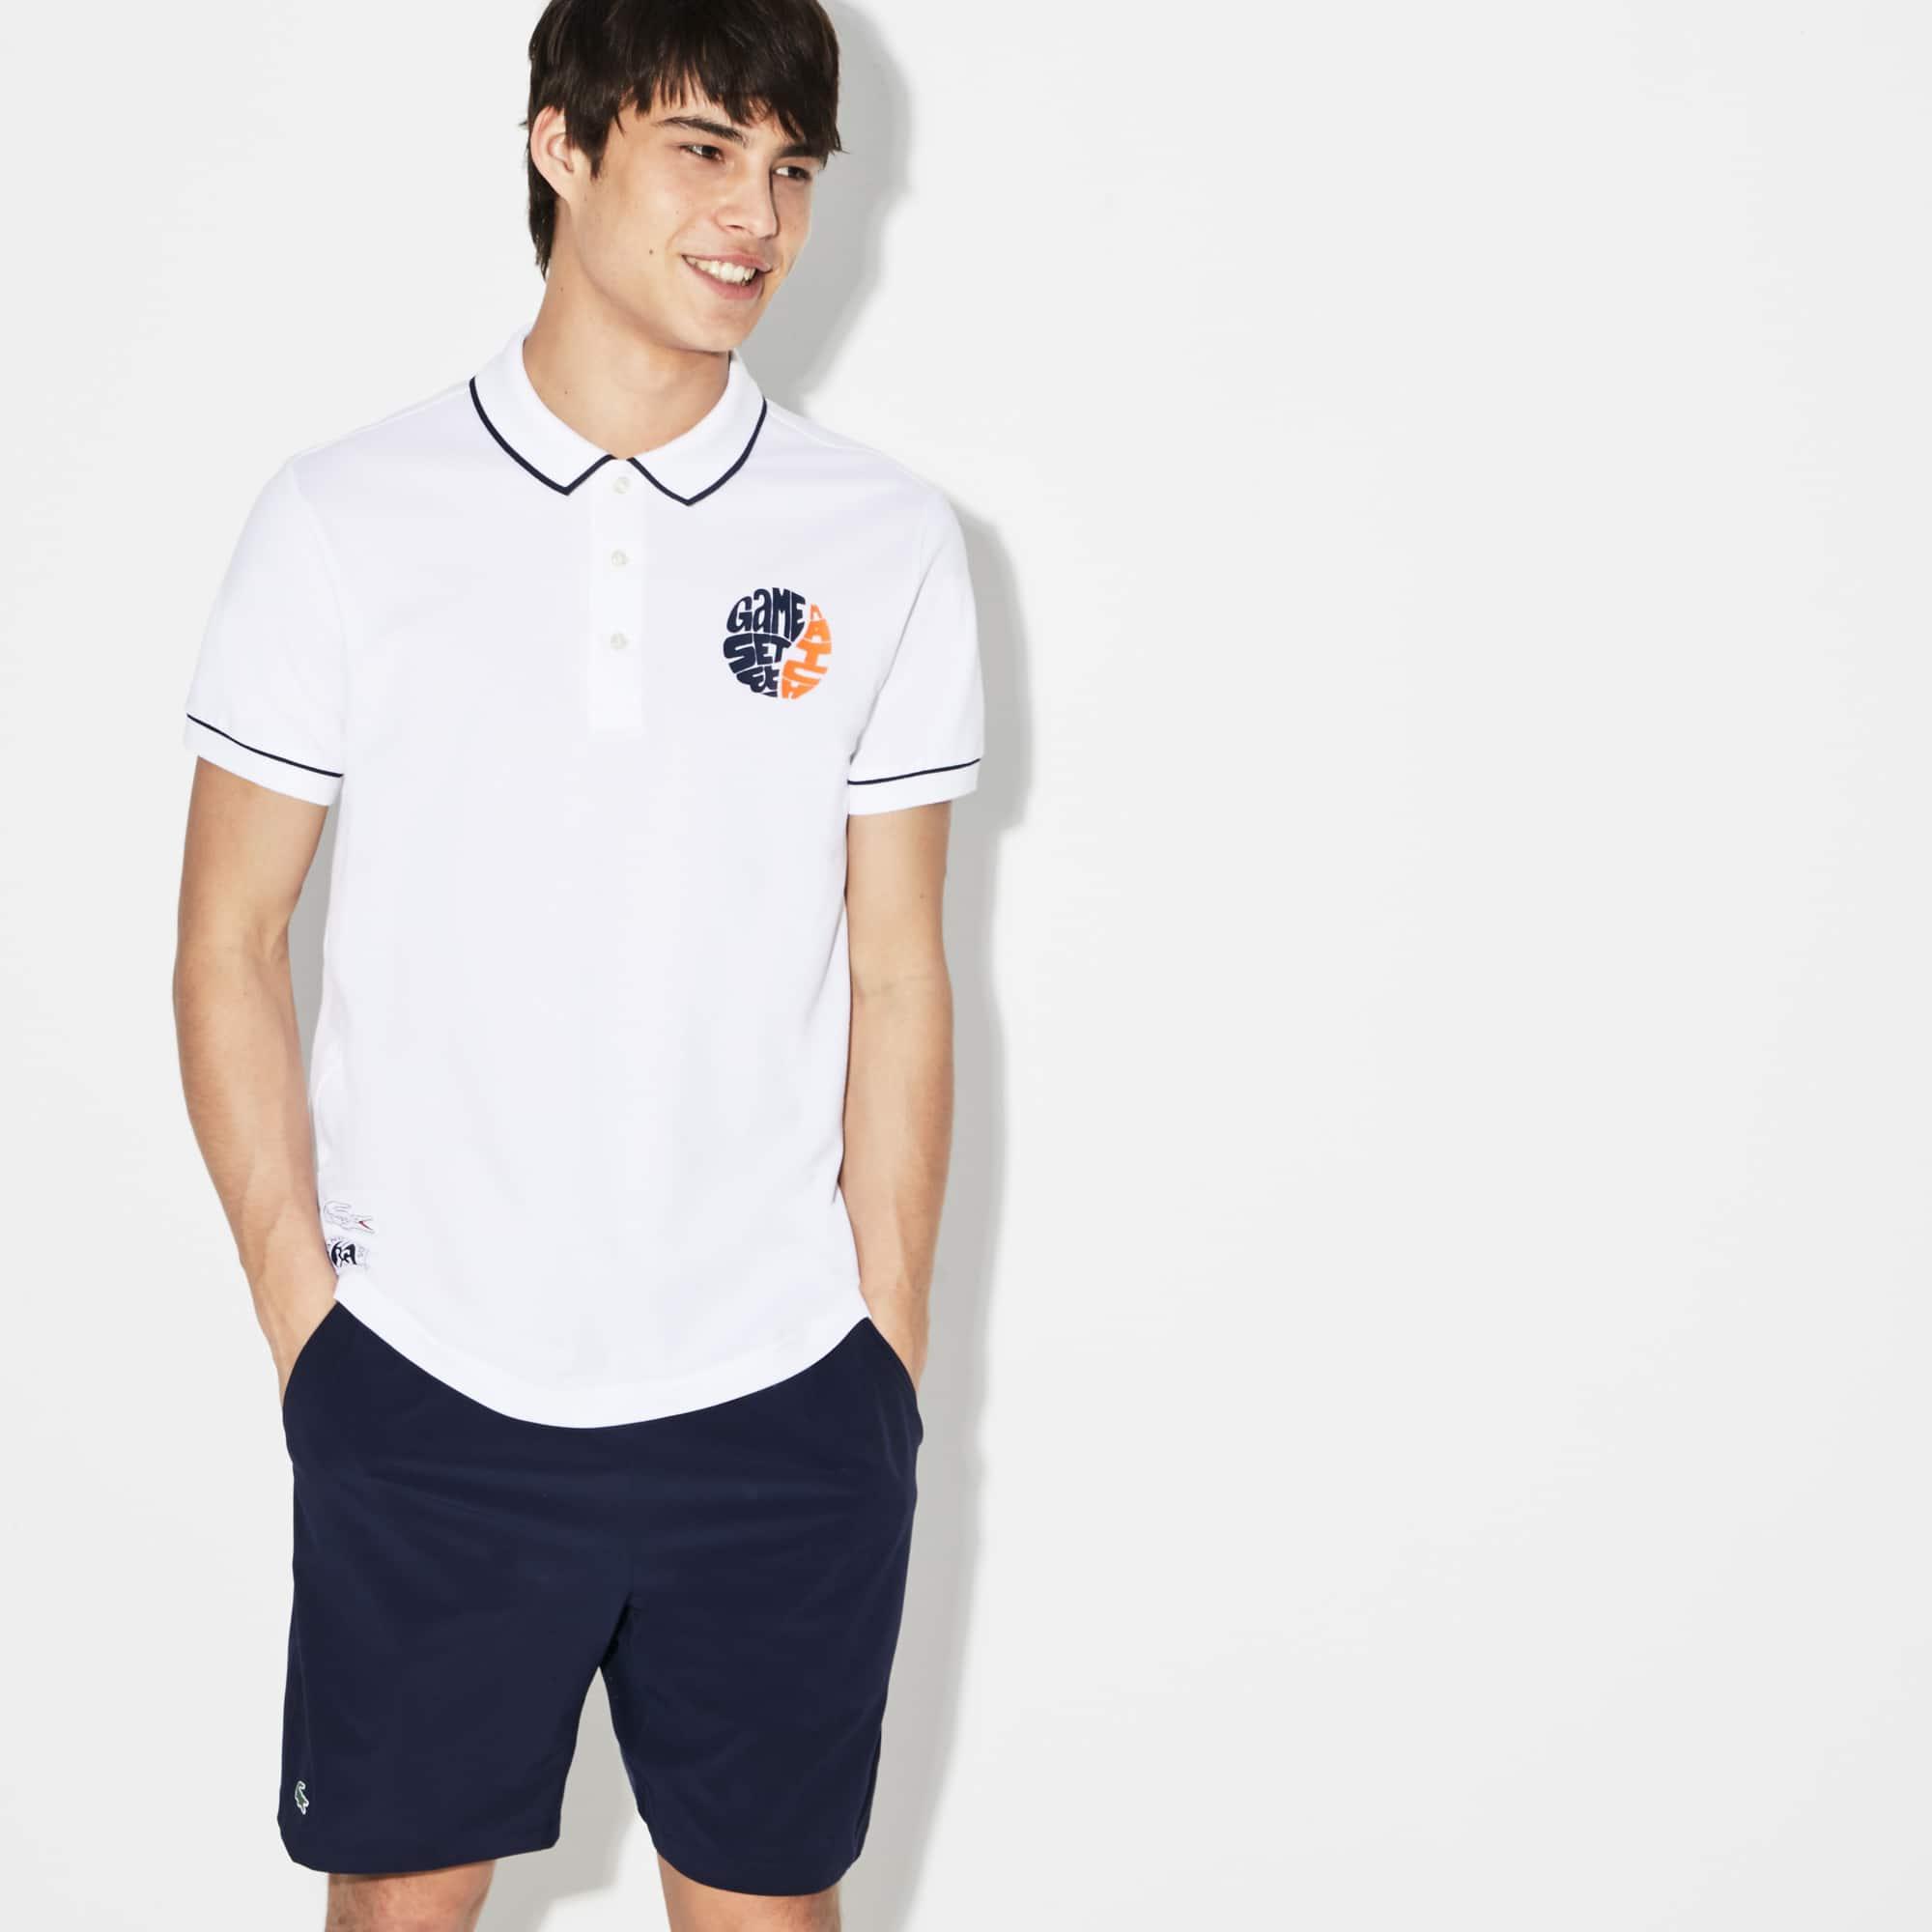 620a9e66dabae 10% de desconto. Camisa Polo Lacoste SPORT Masculina Edição Roland Garros  em Minipiqué Stretch